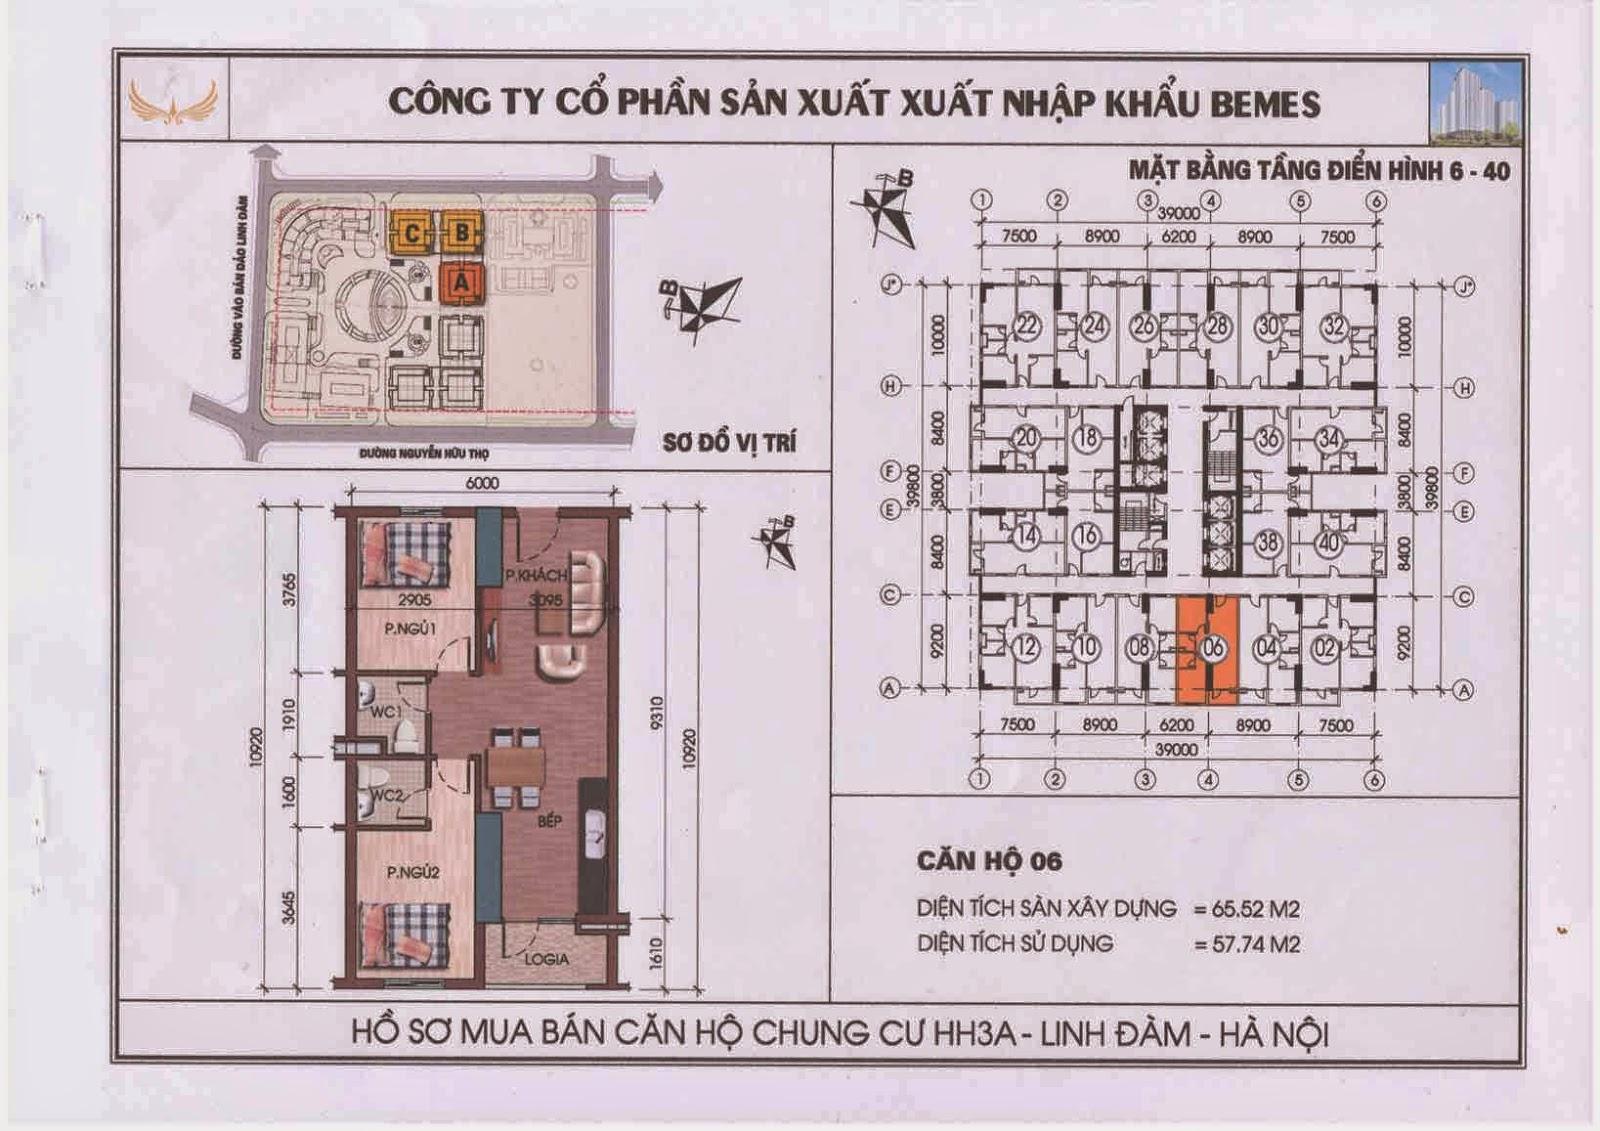 Căn hộ 06 - Chung Cư HH3A Linh Đàm